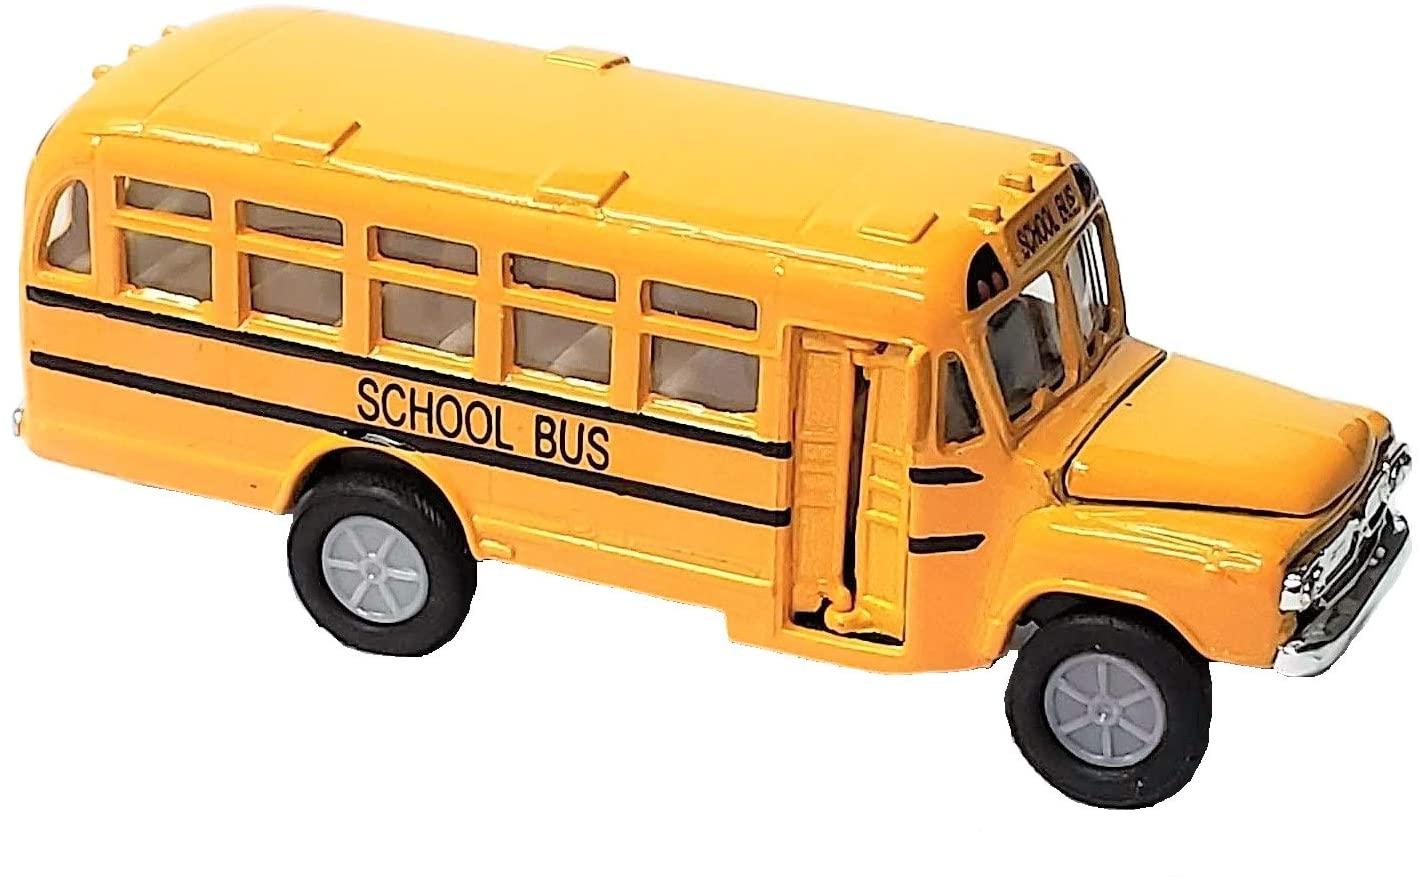 Zugar Land Die Cast Metal Toy Yellow School Bus (5